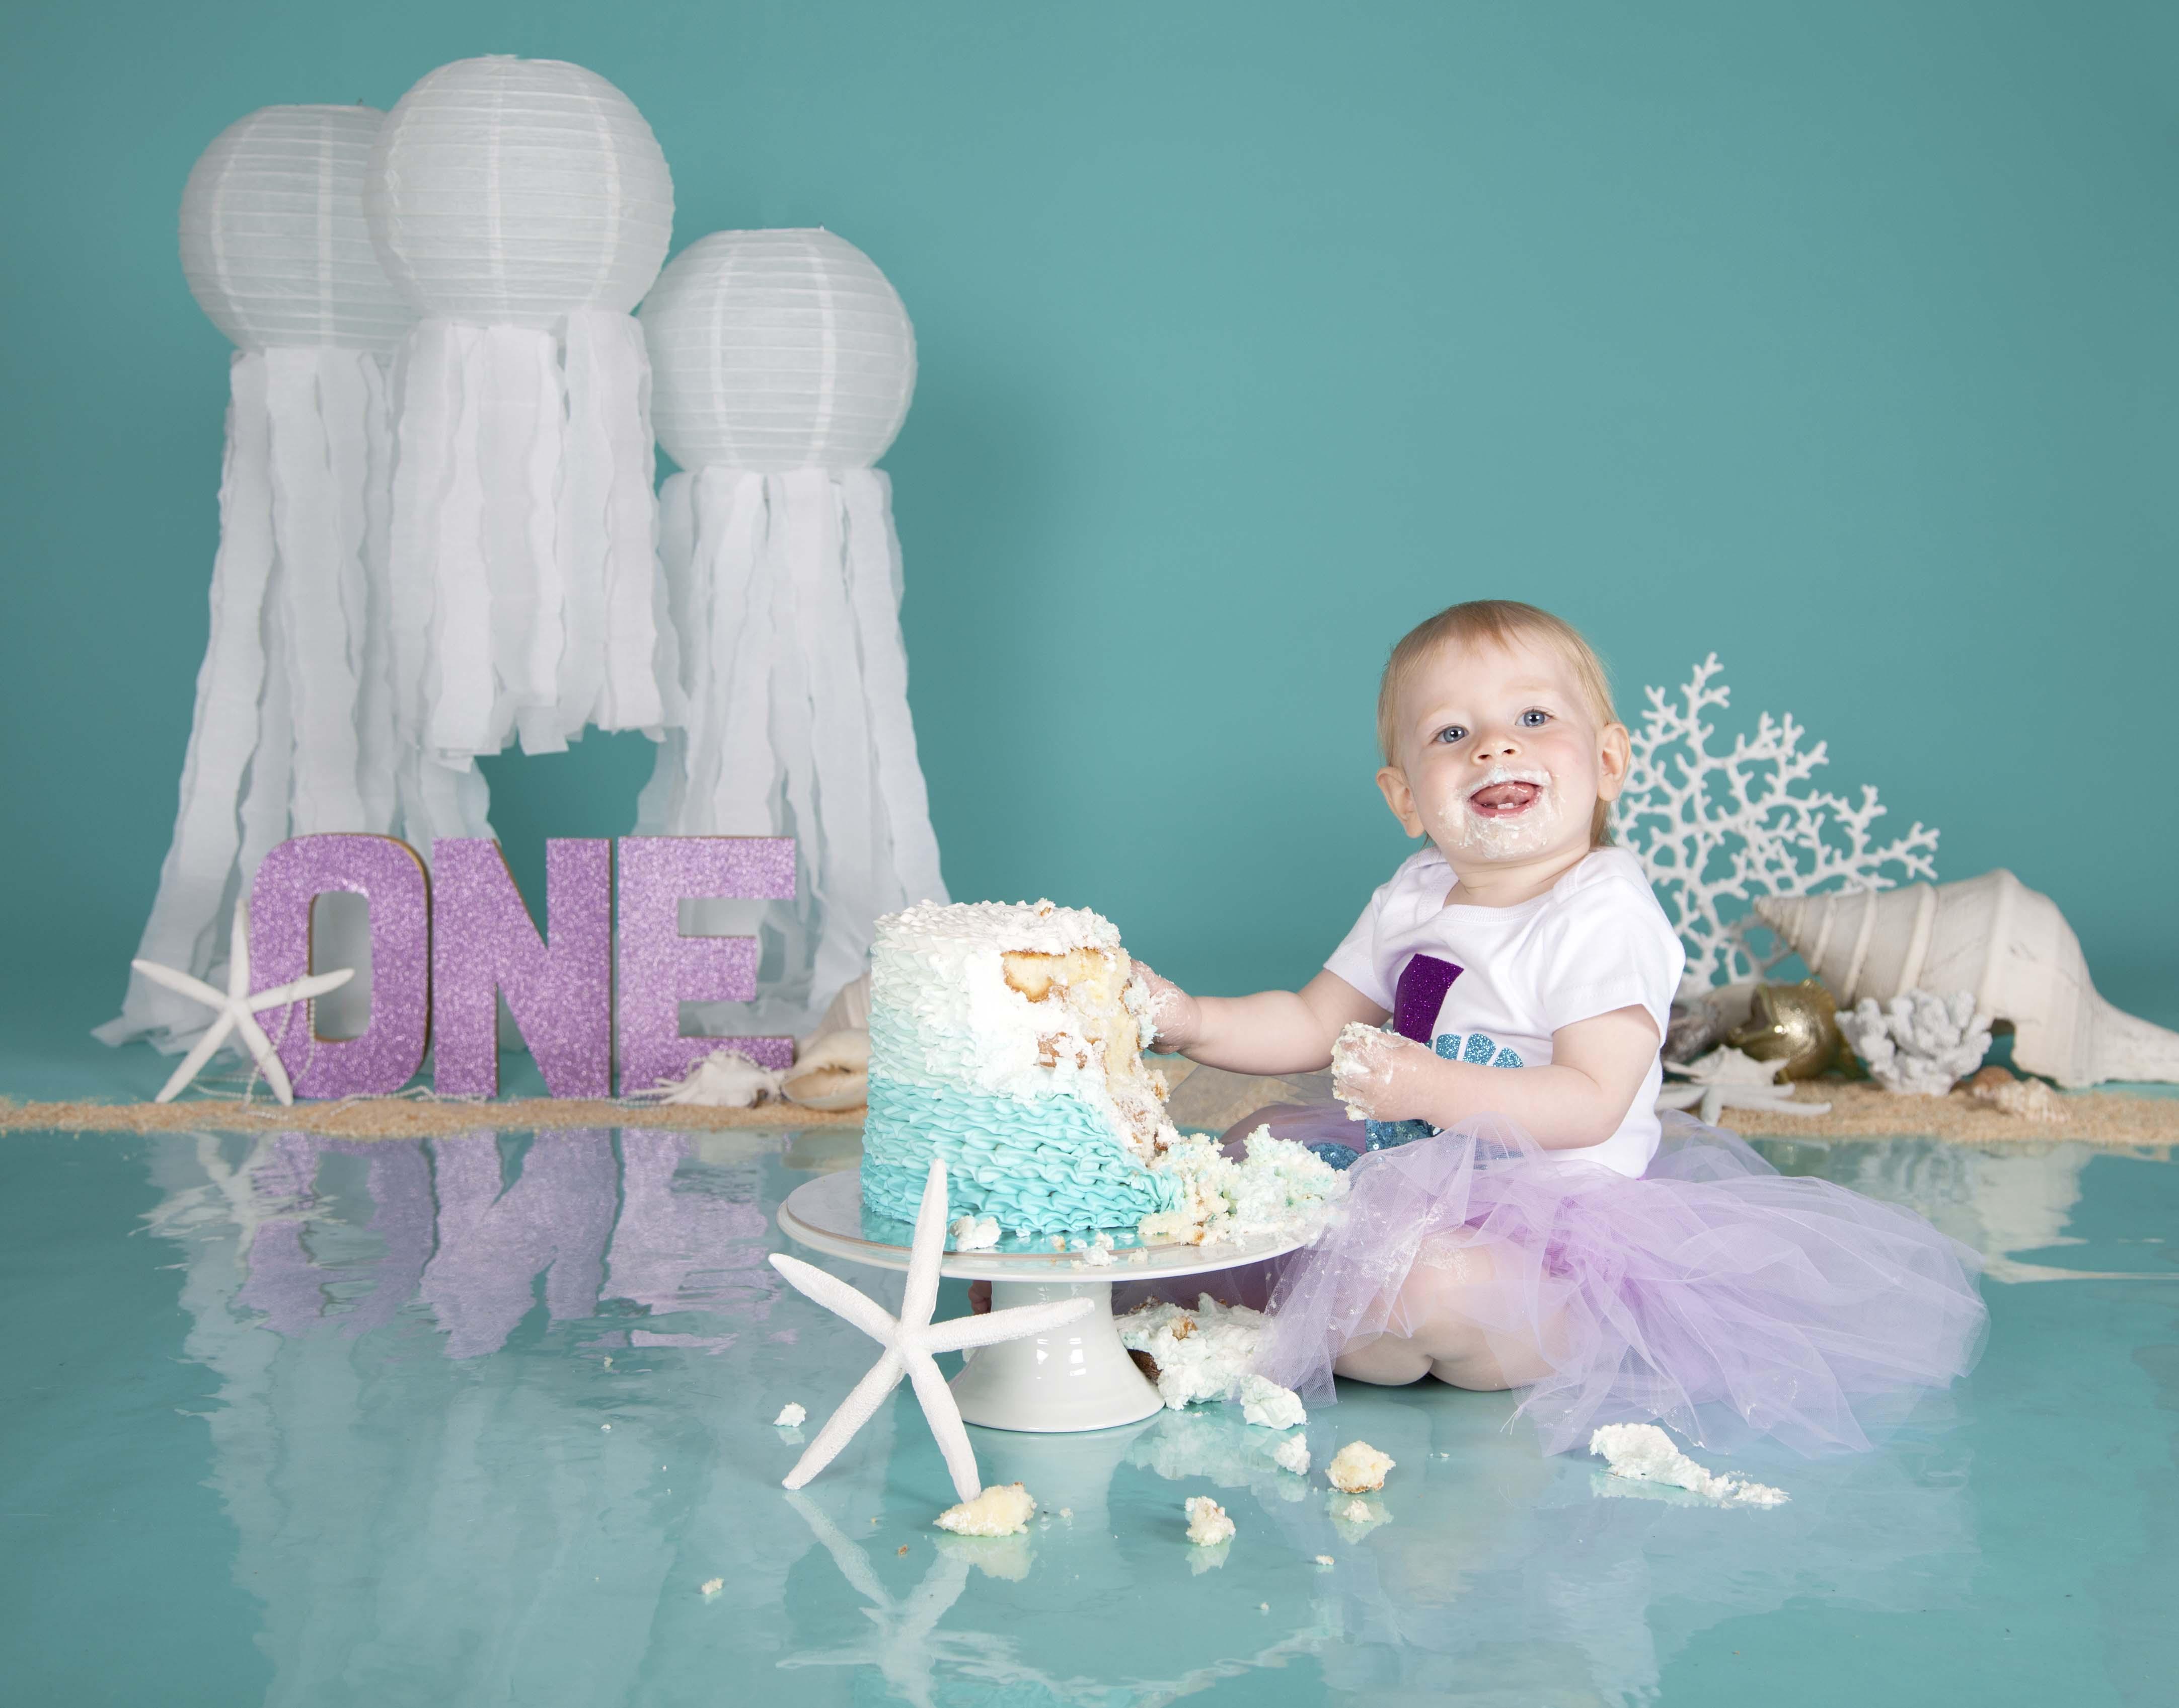 Cake Smash Photographer Brisbane